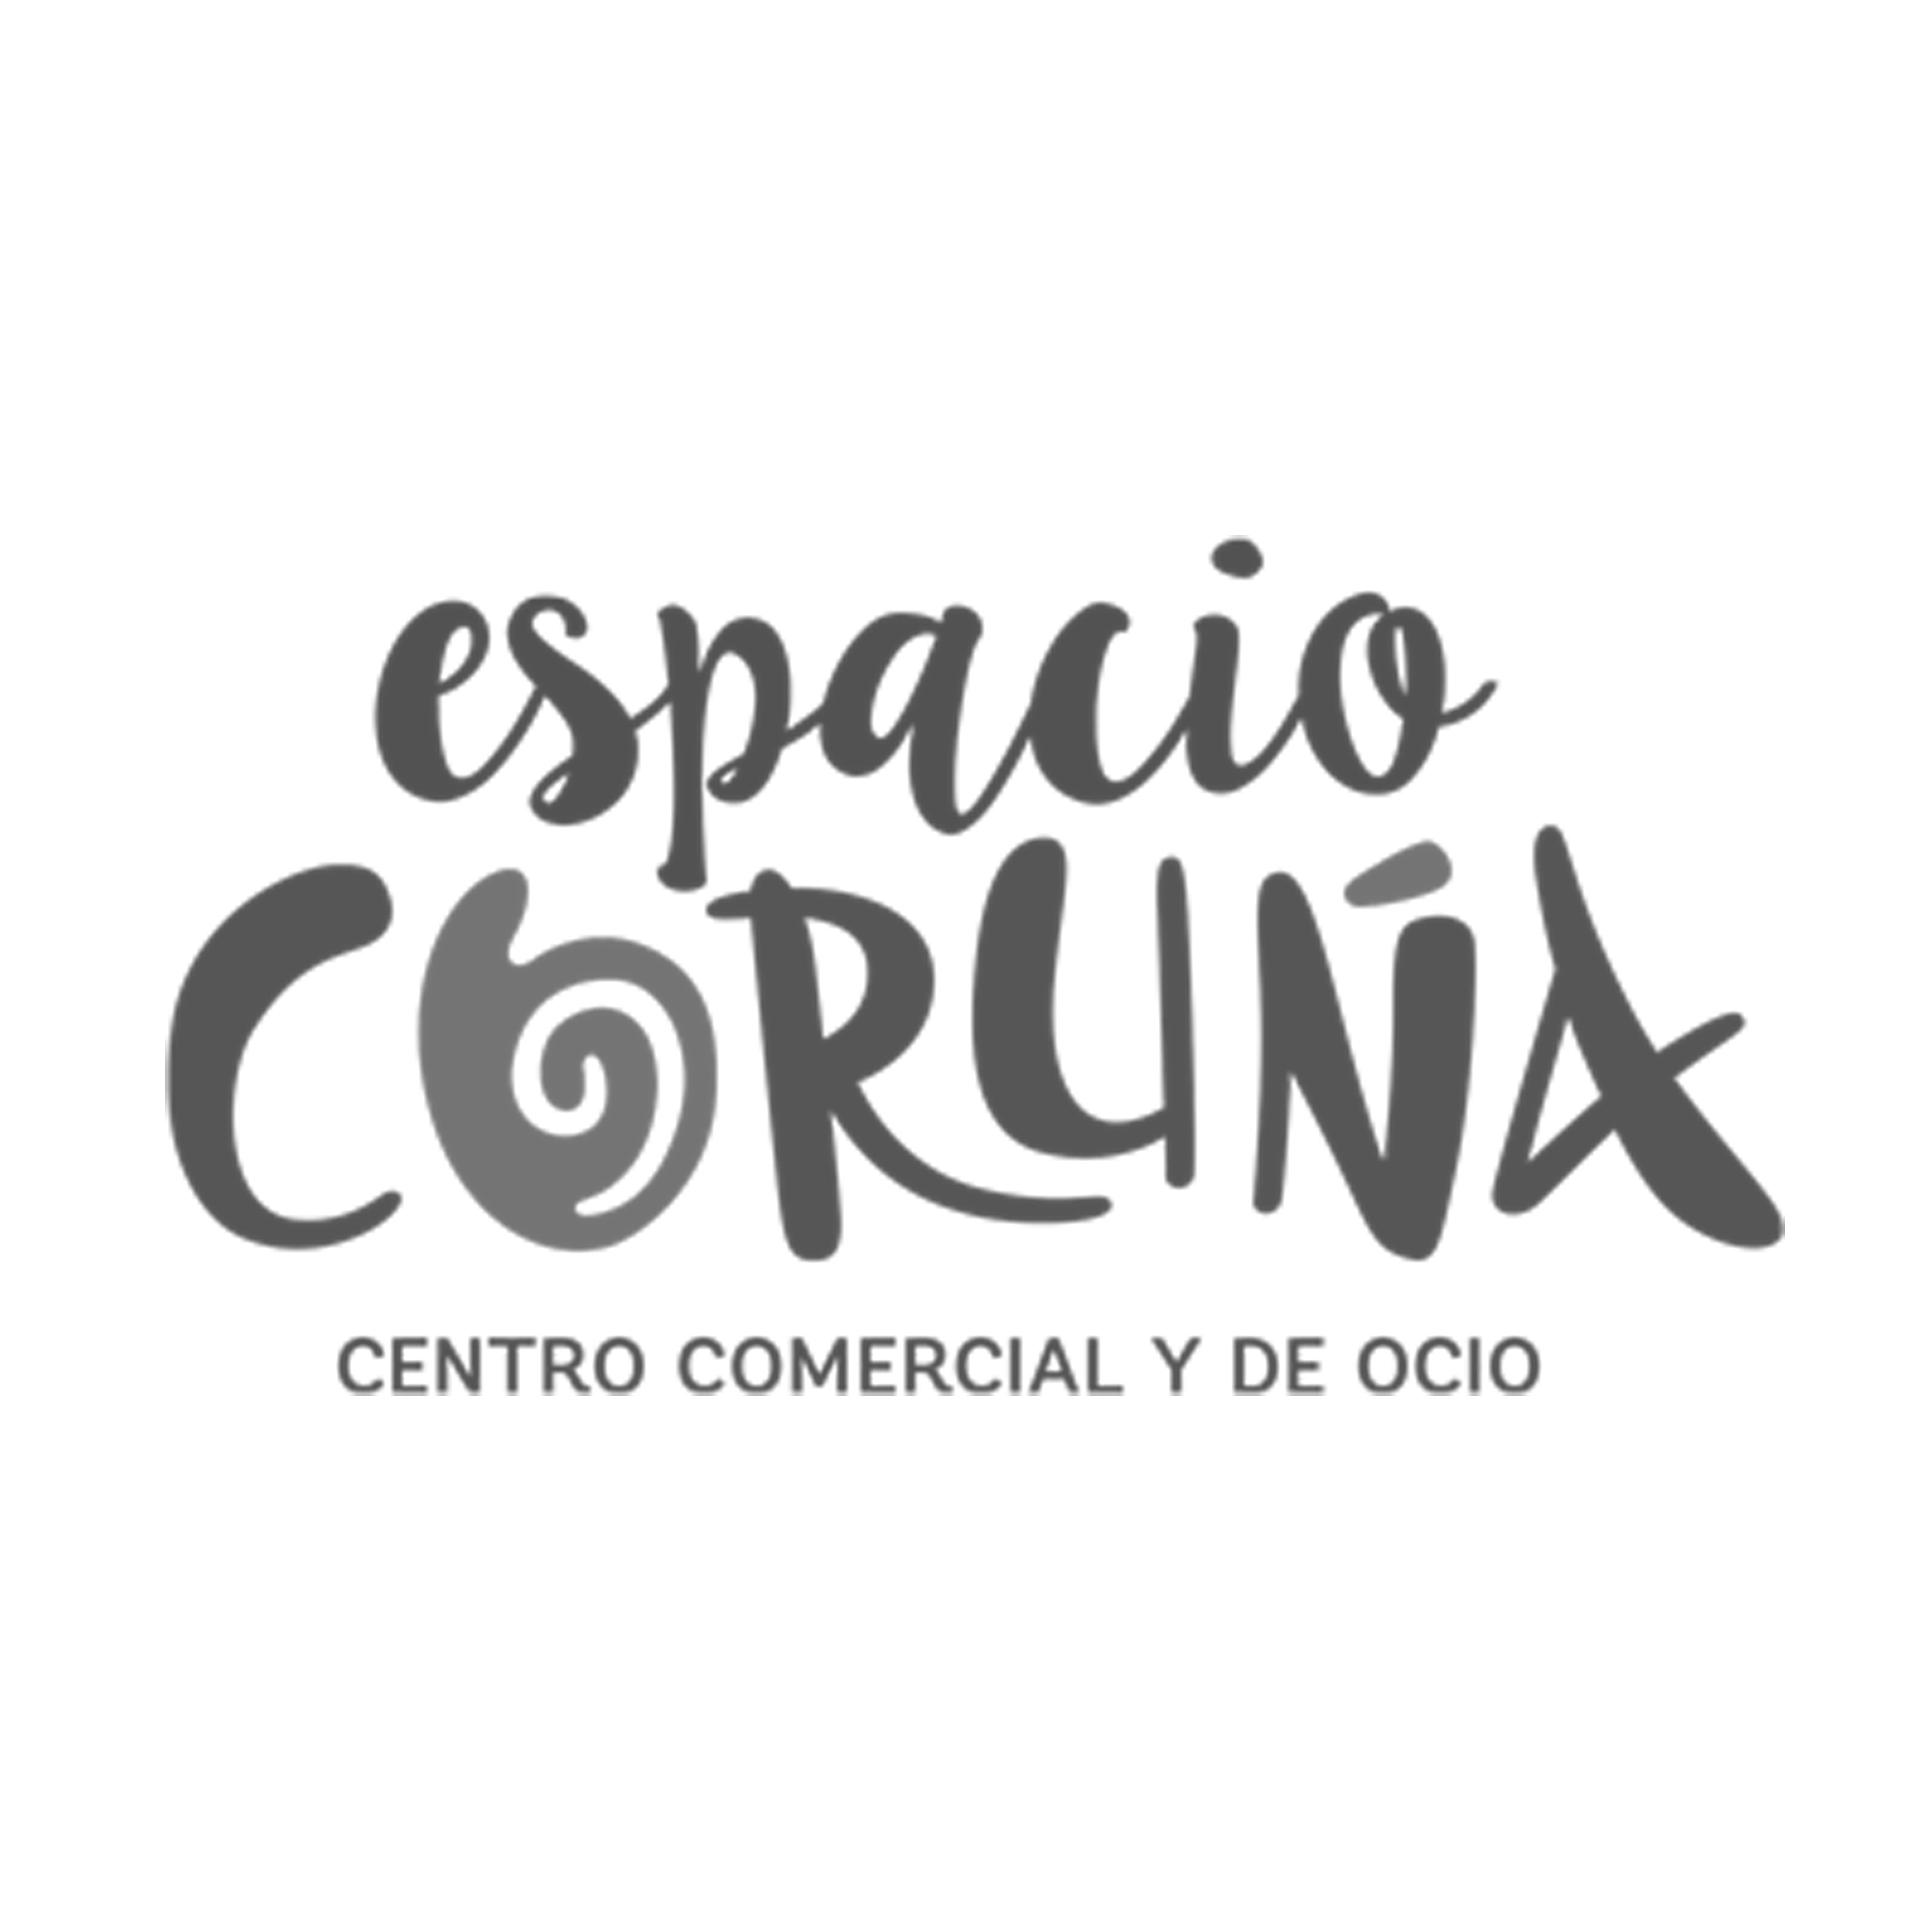 05_ESPACIO CORUÑA